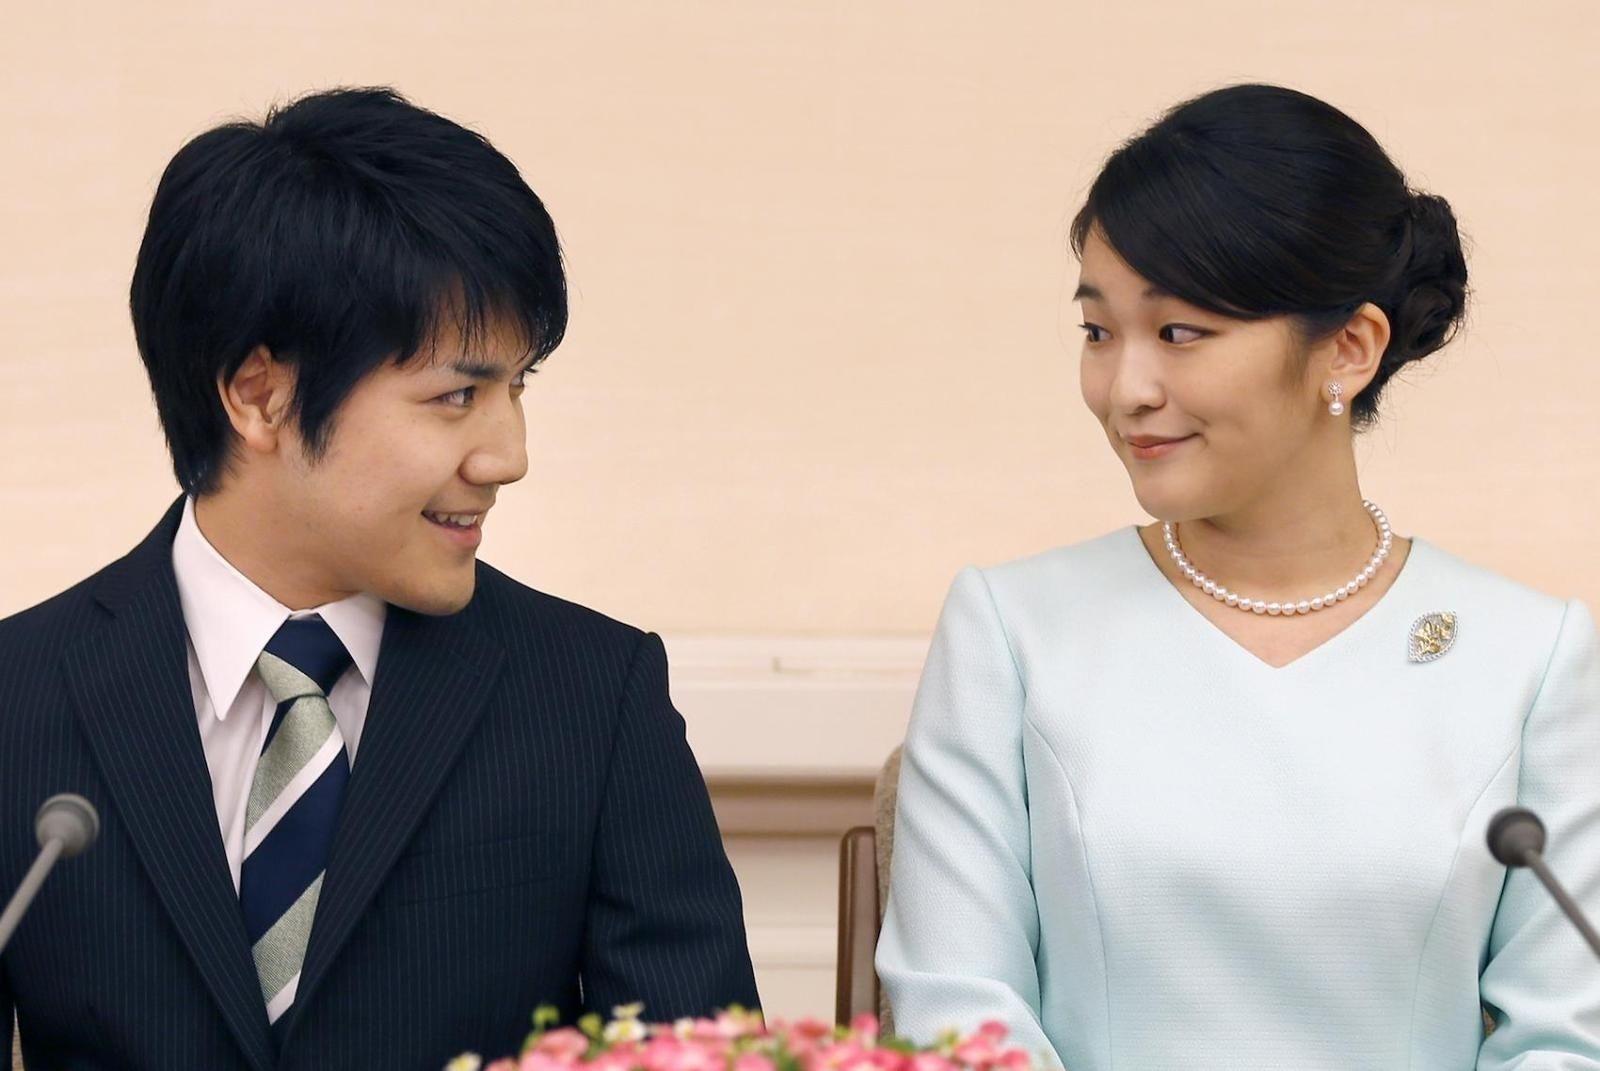 Японы гүнжийн ХУРИМ сүйт залуугийн ӨРний асуудлаас болоод ХОЙШИЛЖЭЭ